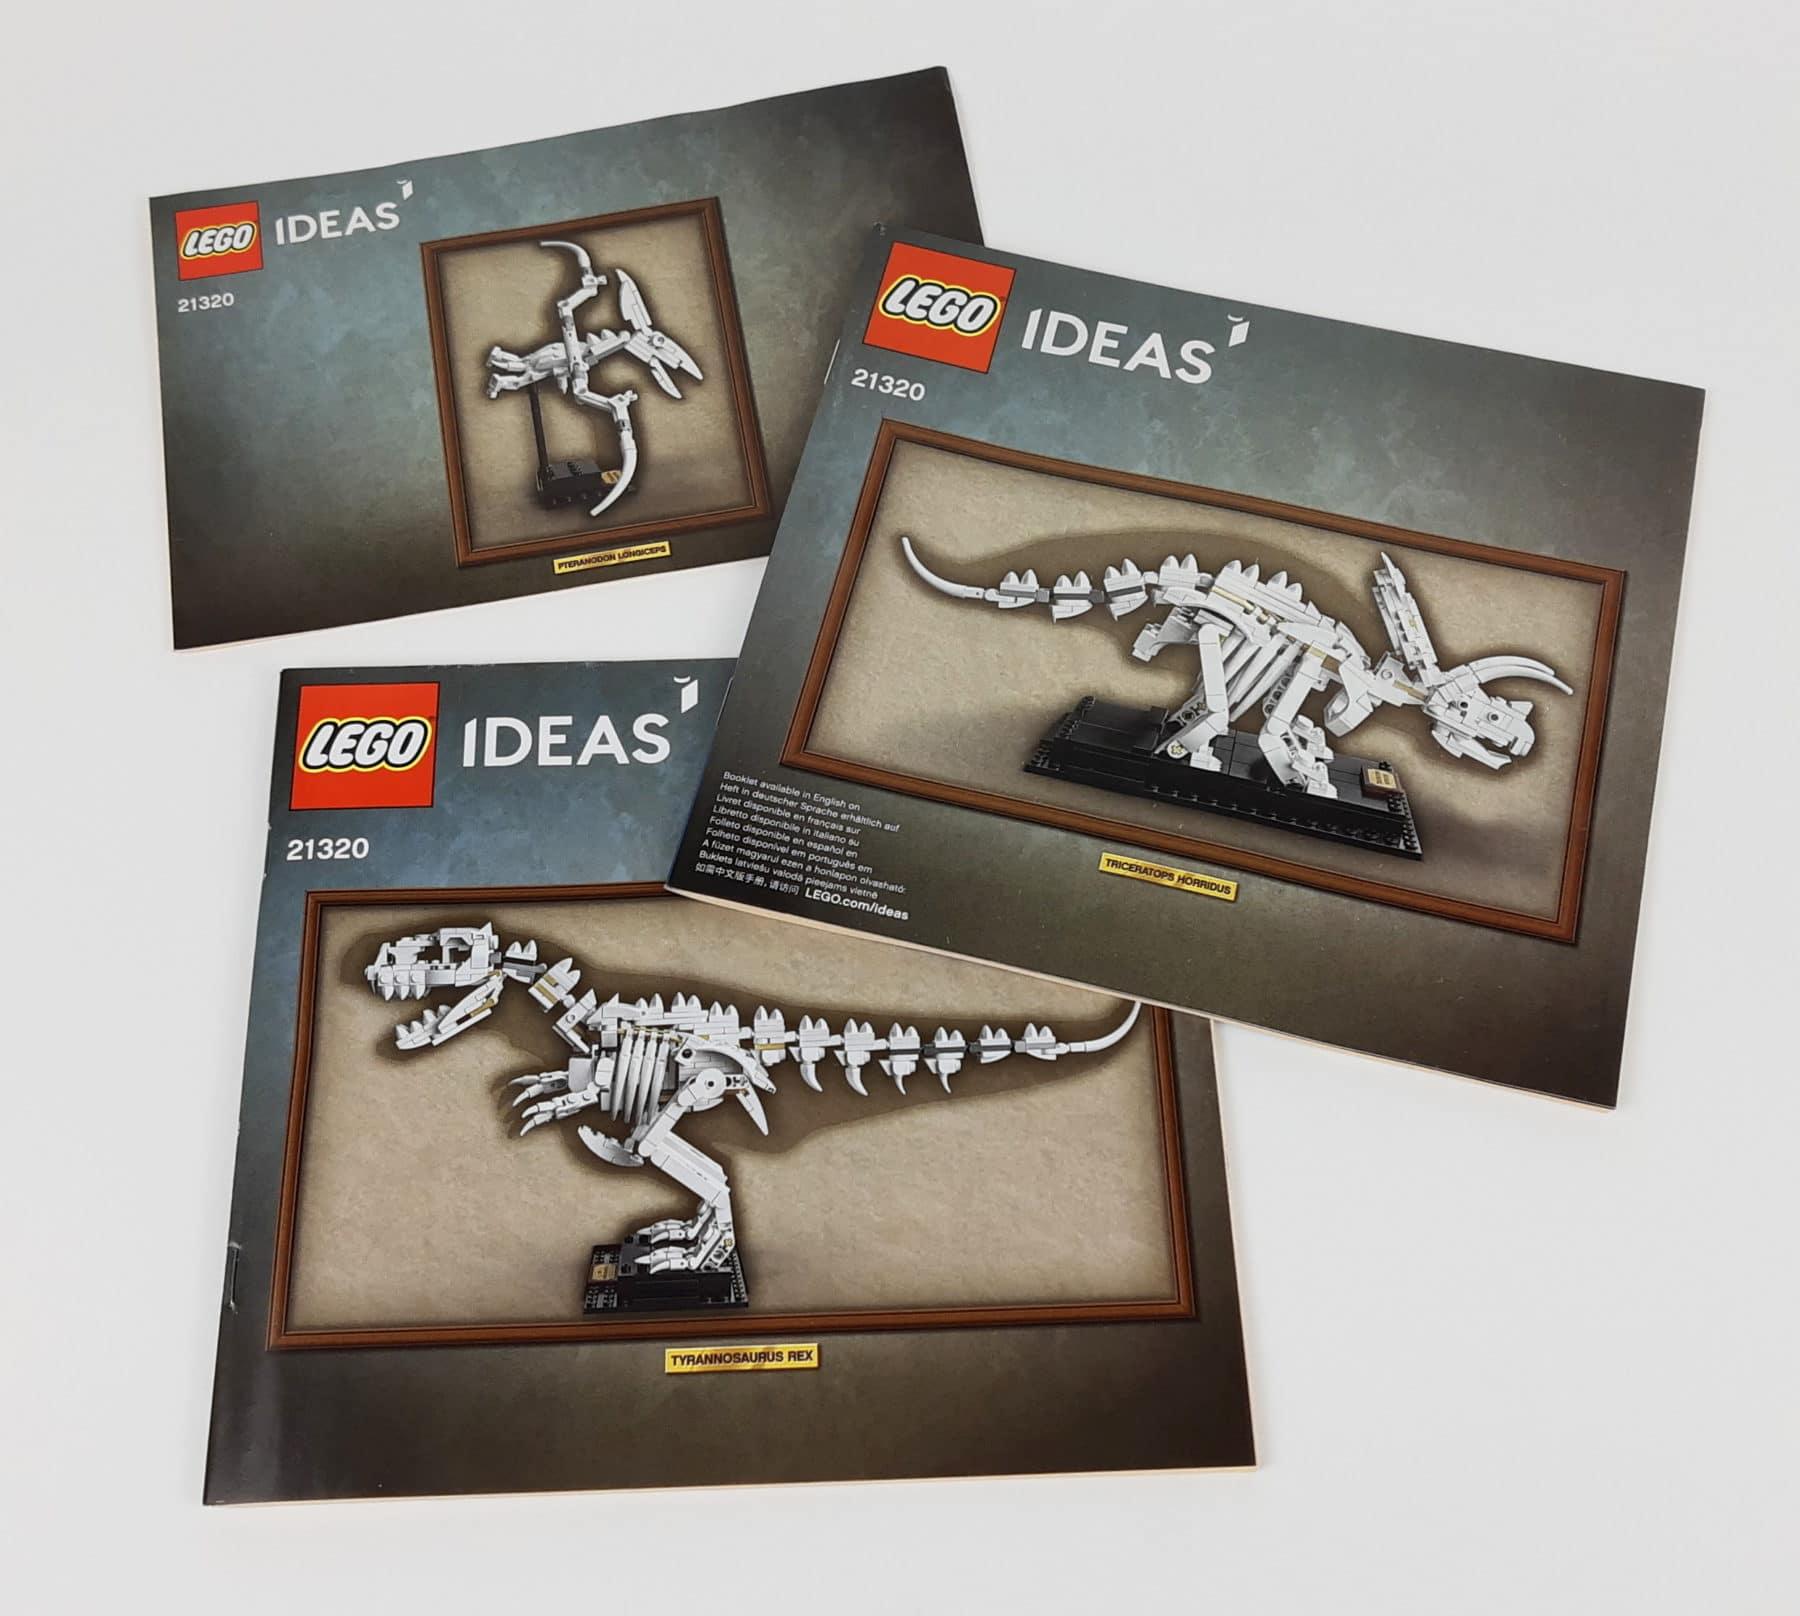 LEGO Ideas 21320 - Dinosaurier Fossilien: Anleitungen